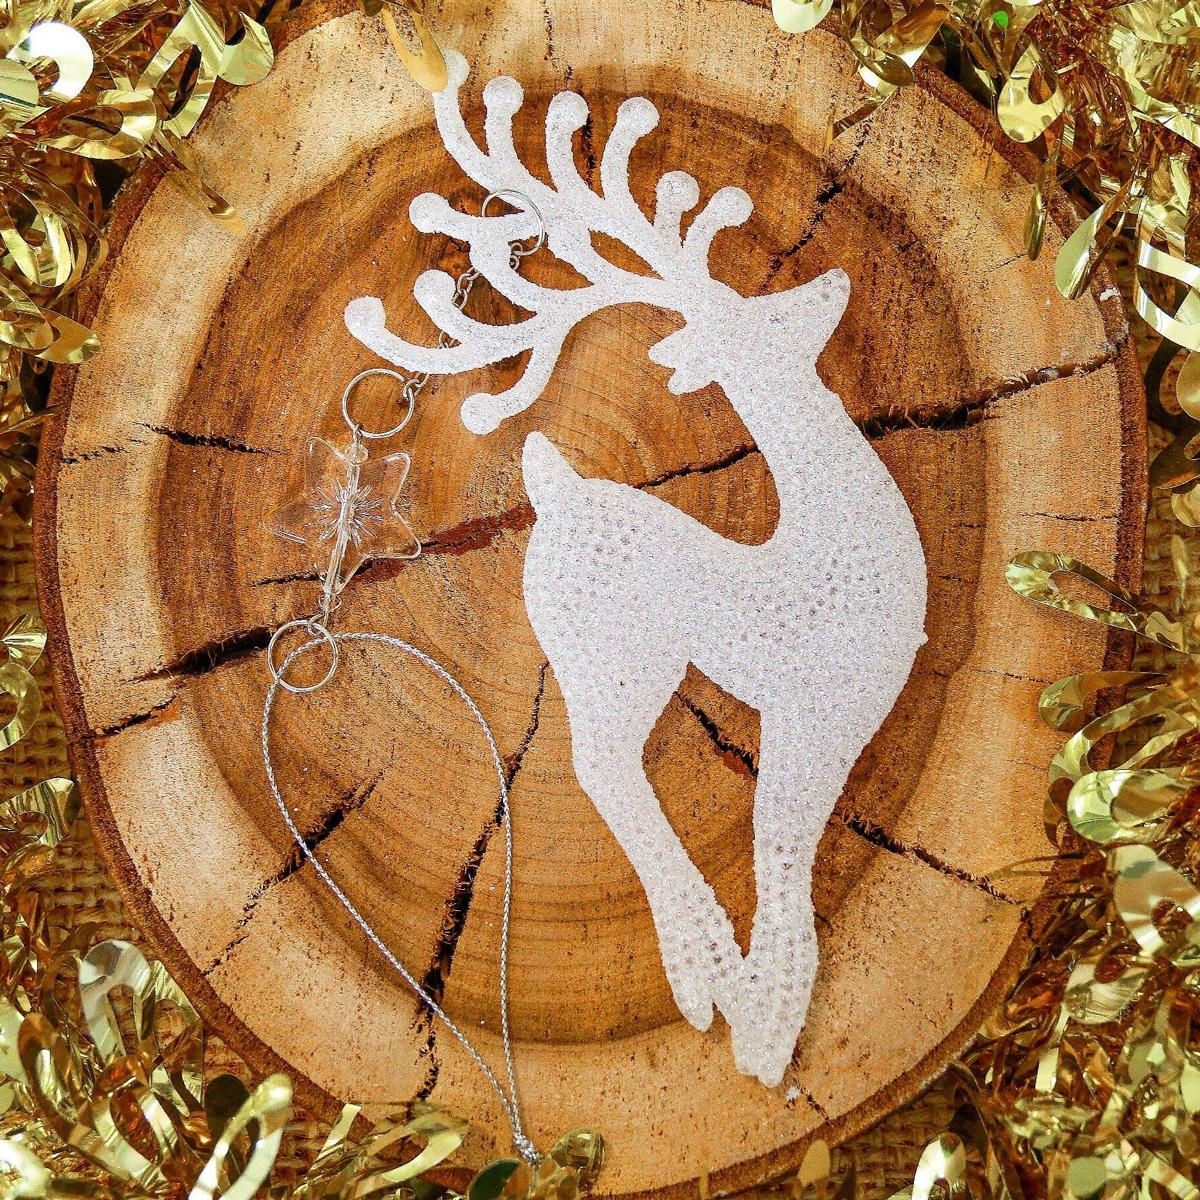 Новогоднее подвесное украшение Стройный олень, 6 х 17 см2371454Новогоднее подвесное украшение отлично подойдет для декорации вашего дома и новогодней ели. С помощью специальной петельки украшение можно повесить в любом понравившемся вам месте. Но, конечно, удачнее всего оно будет смотреться на праздничной елке.Елочная игрушка - символ Нового года. Она несет в себе волшебство и красоту праздника. Такое украшение создаст в вашем доме атмосферу праздника, веселья и радости.